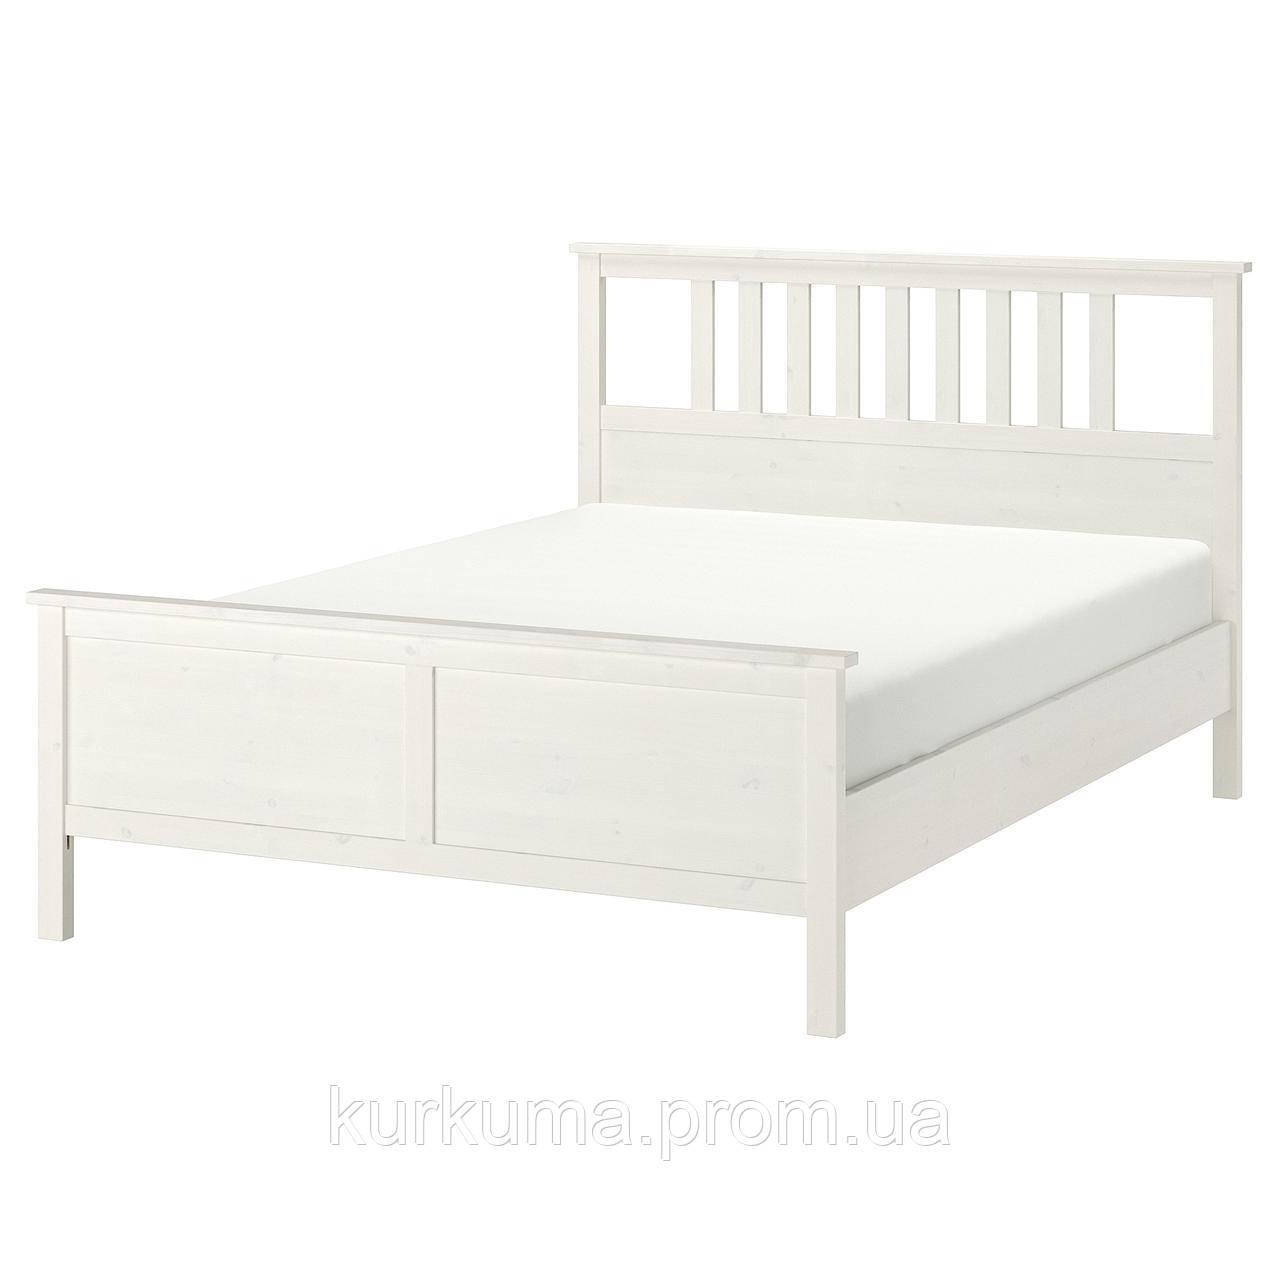 IKEA HEMNES Кровать, белое пятно  (899.315.60)